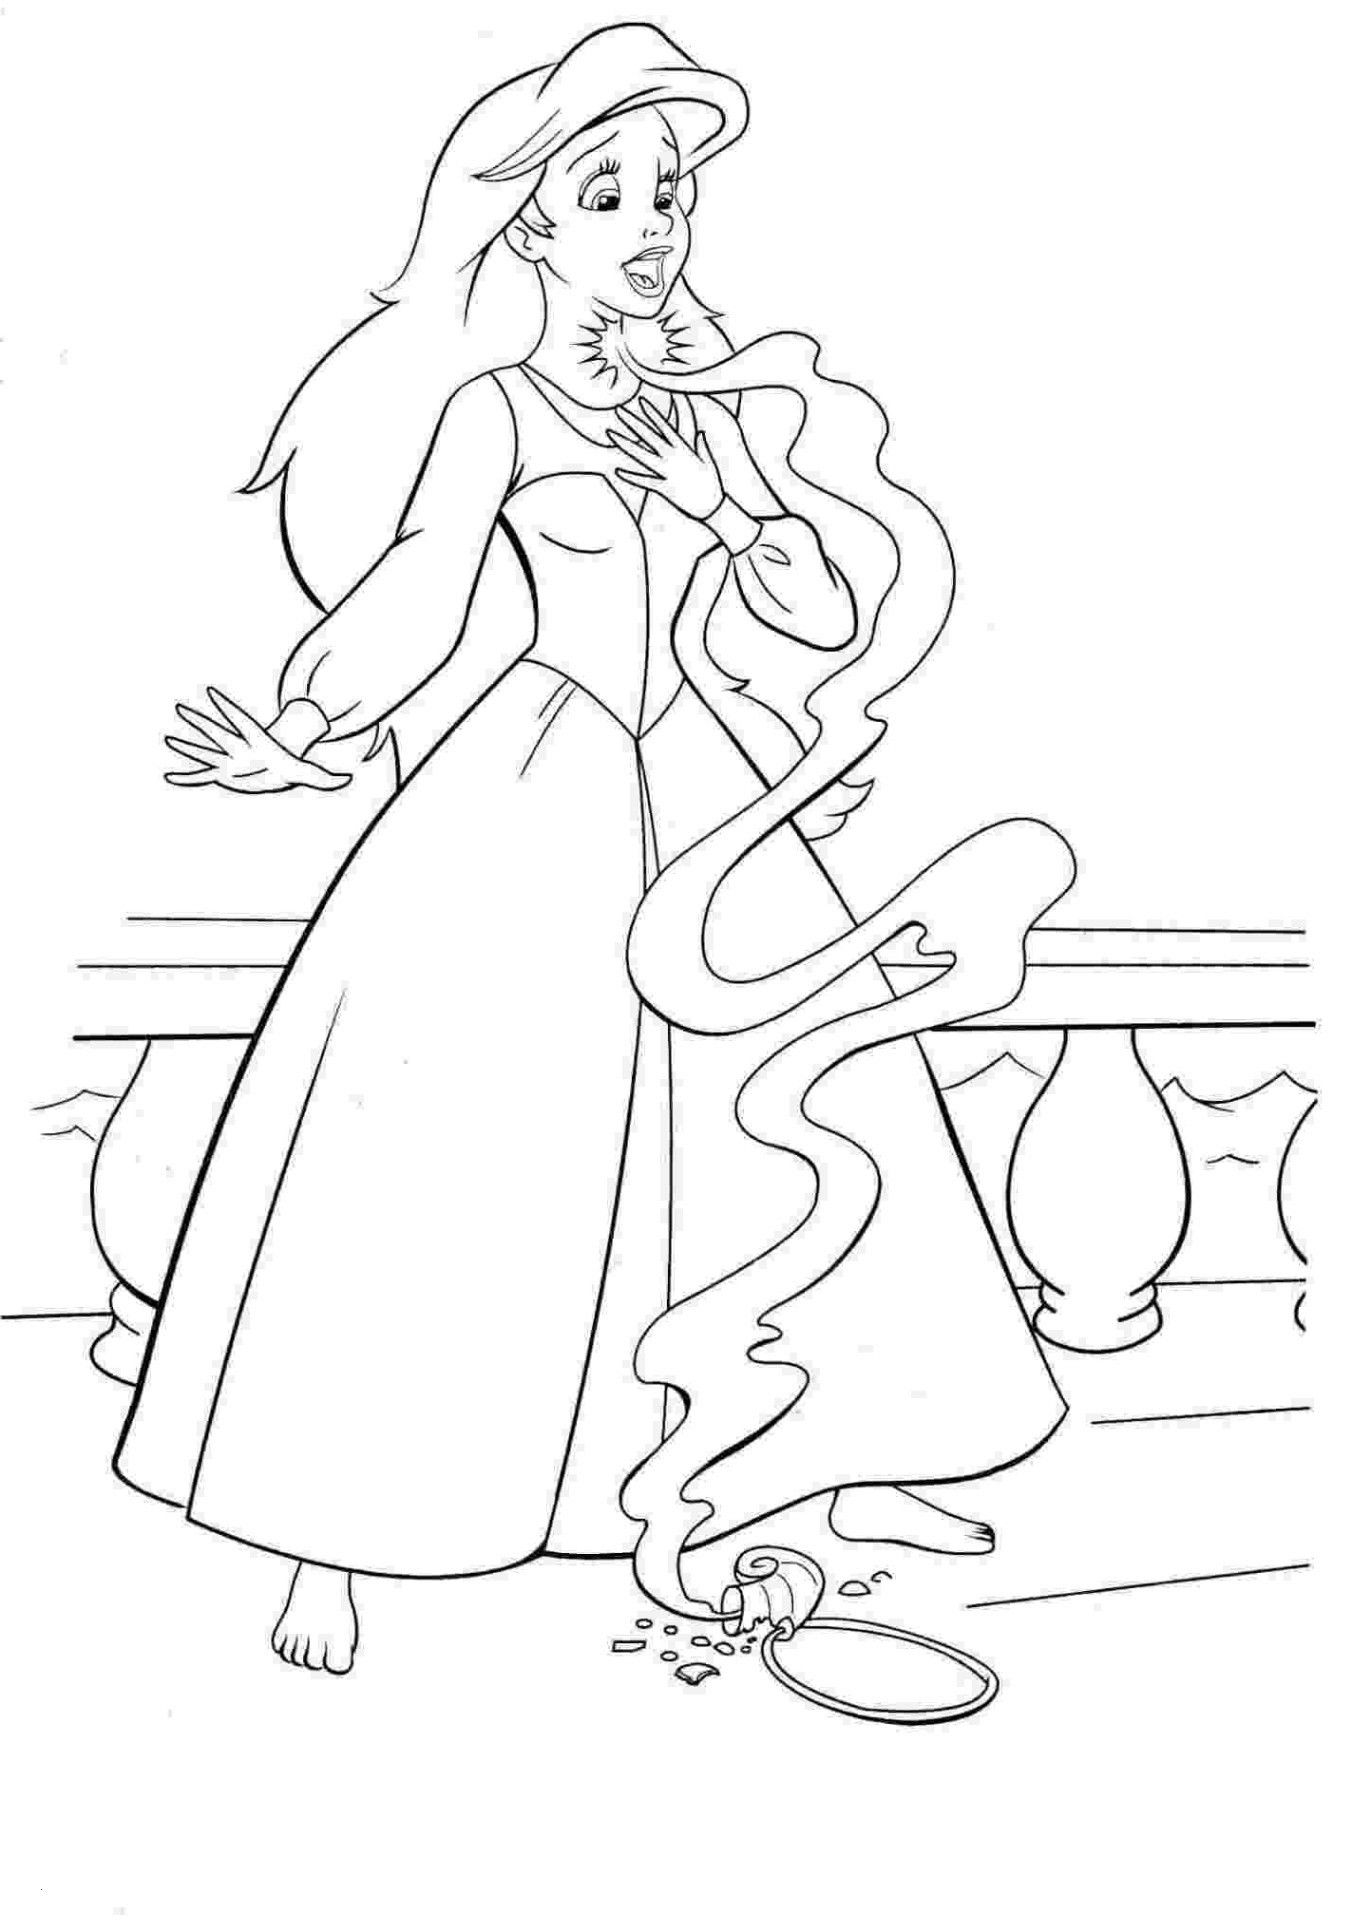 Farbung Malvorlagen Malvorlagenfurkinder Disney Malvorlagen Bilder Nachzeichnen Ausmalbilder Disney